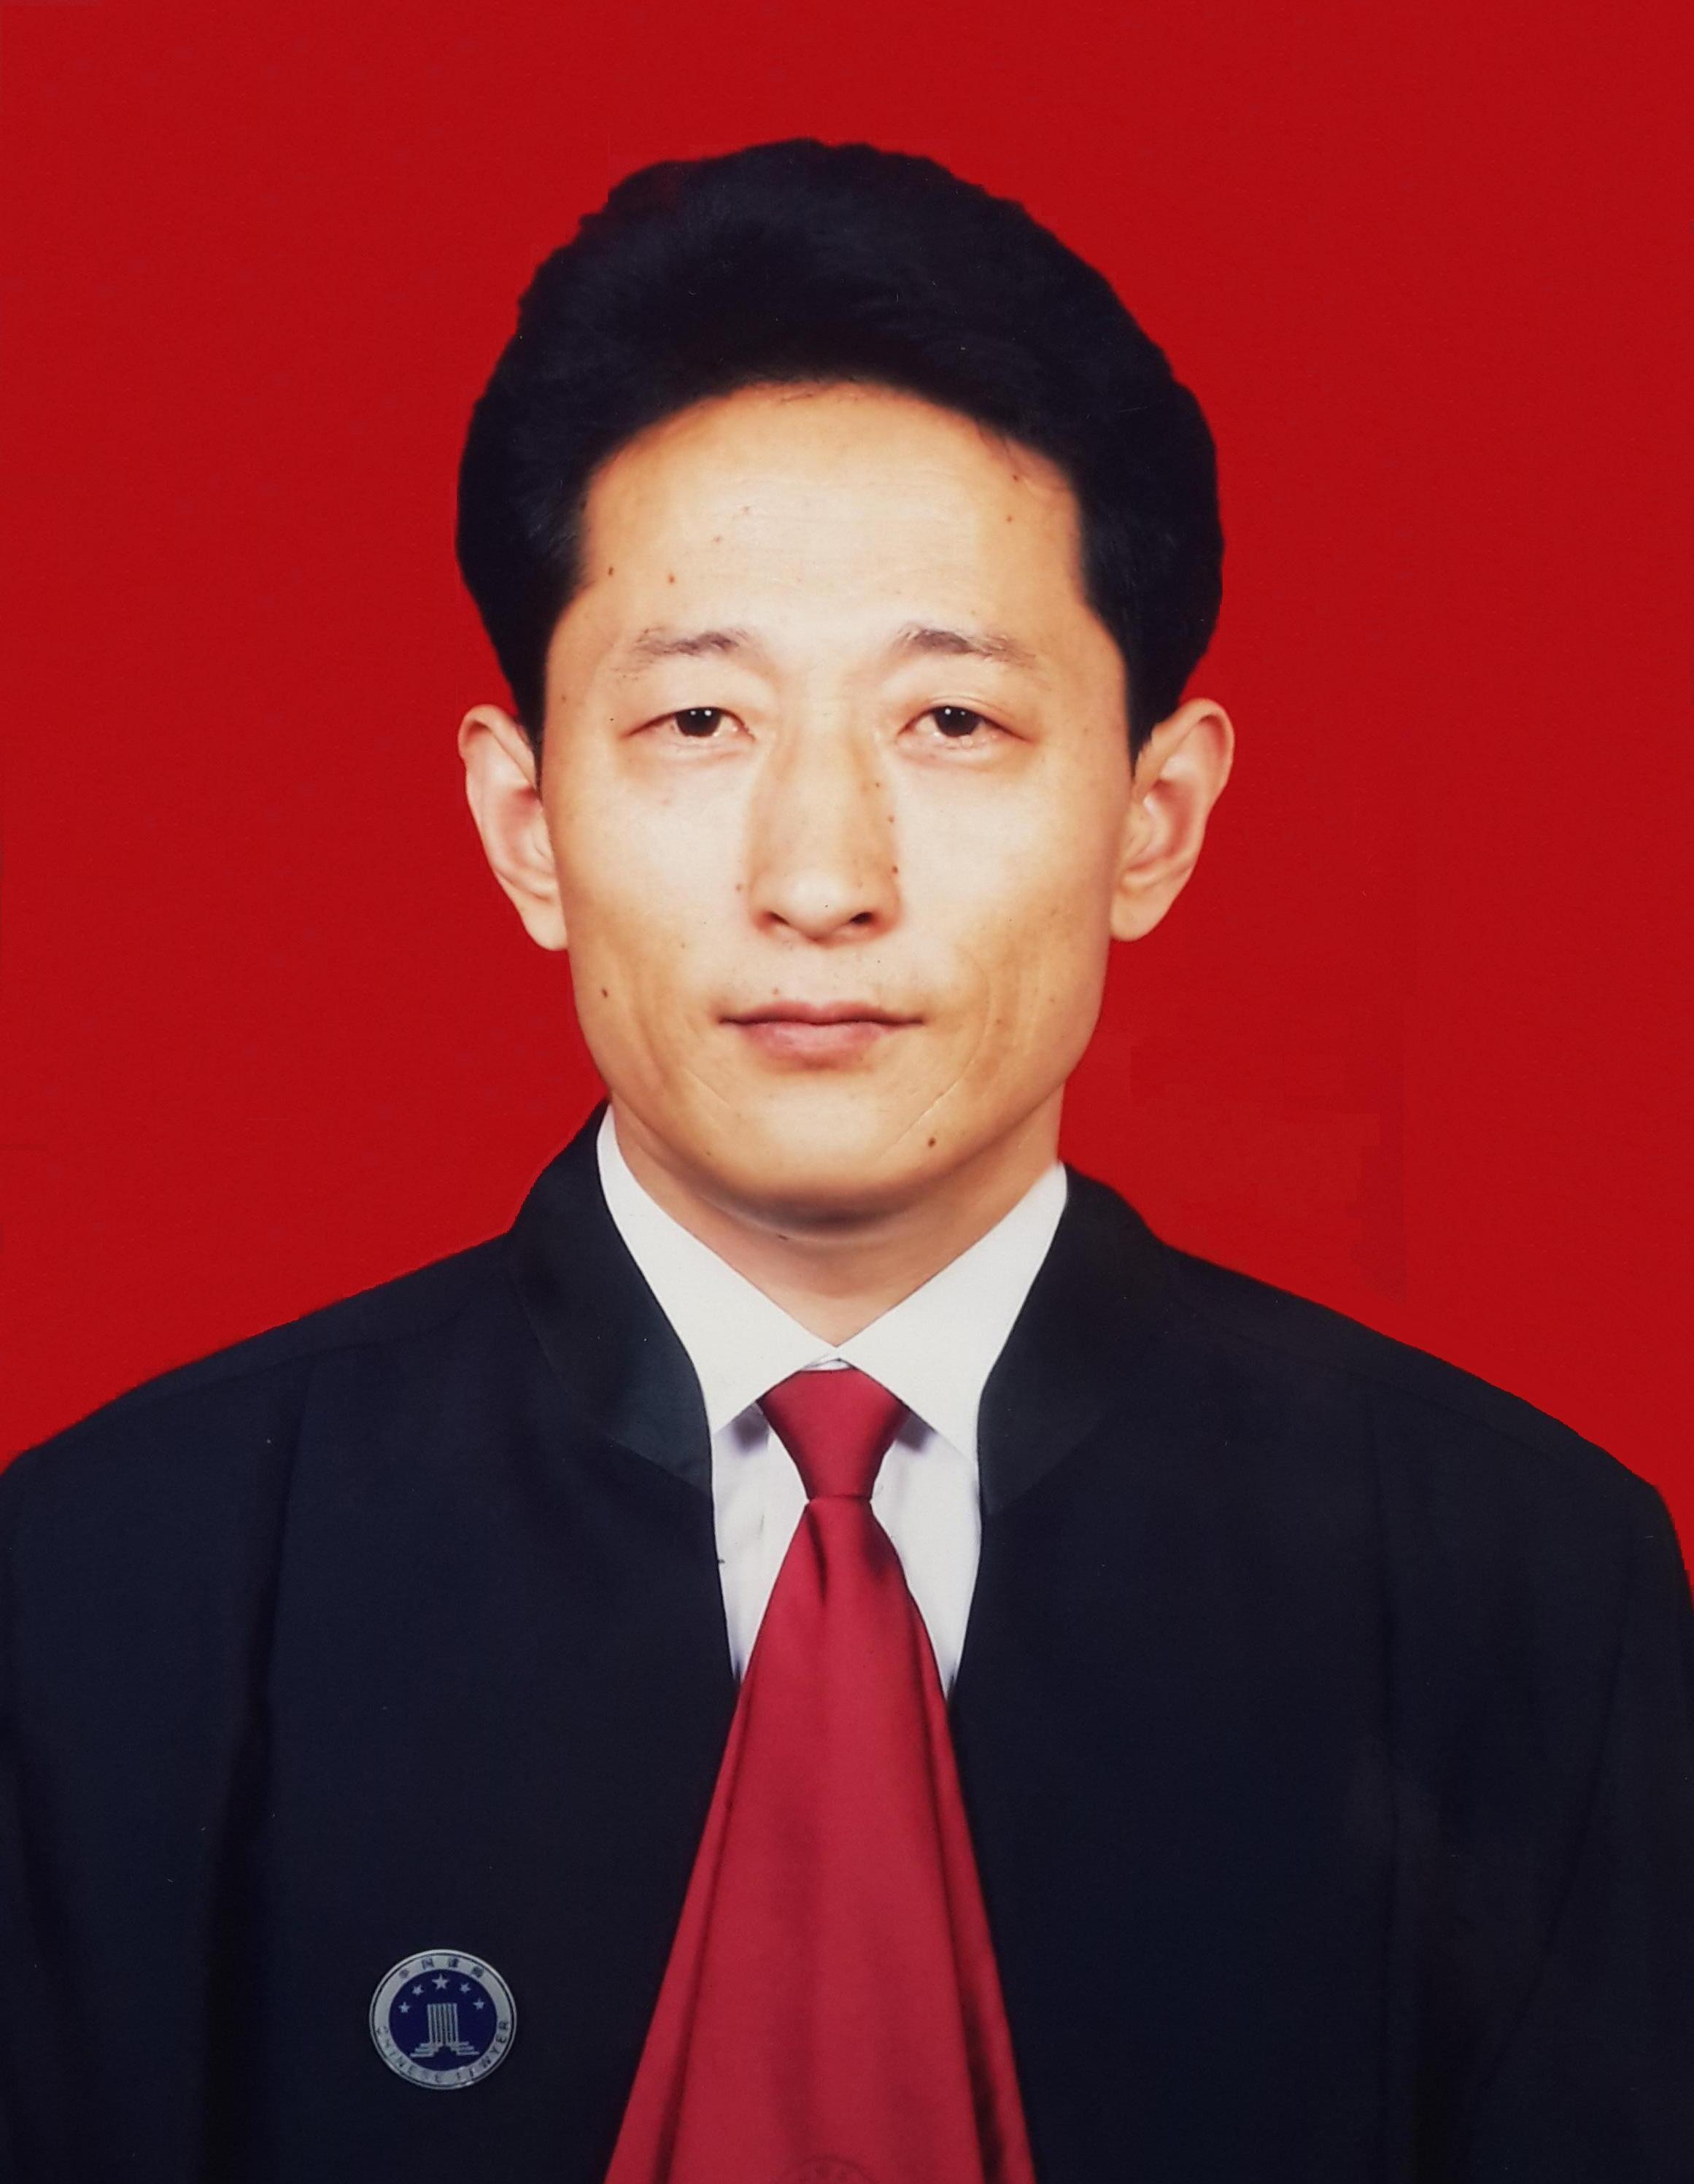 徐州律师 张学伟